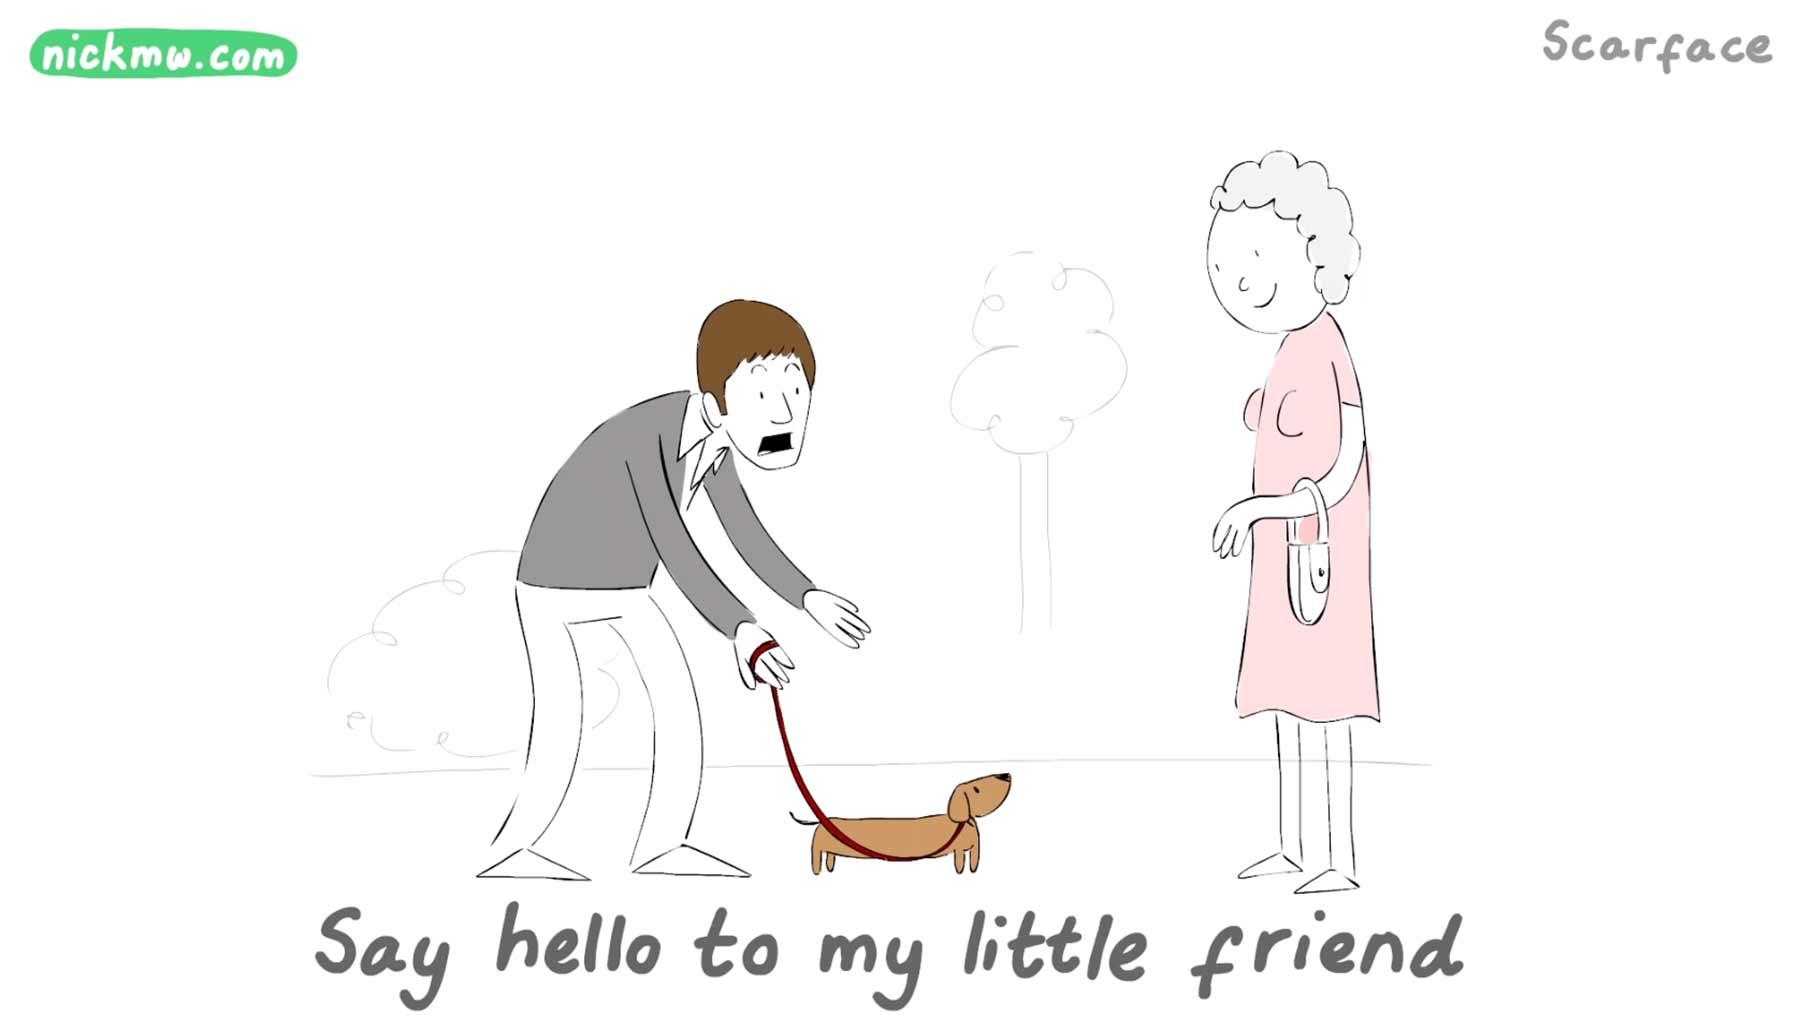 Bekannte Film-Zeilen humoristisch animiert